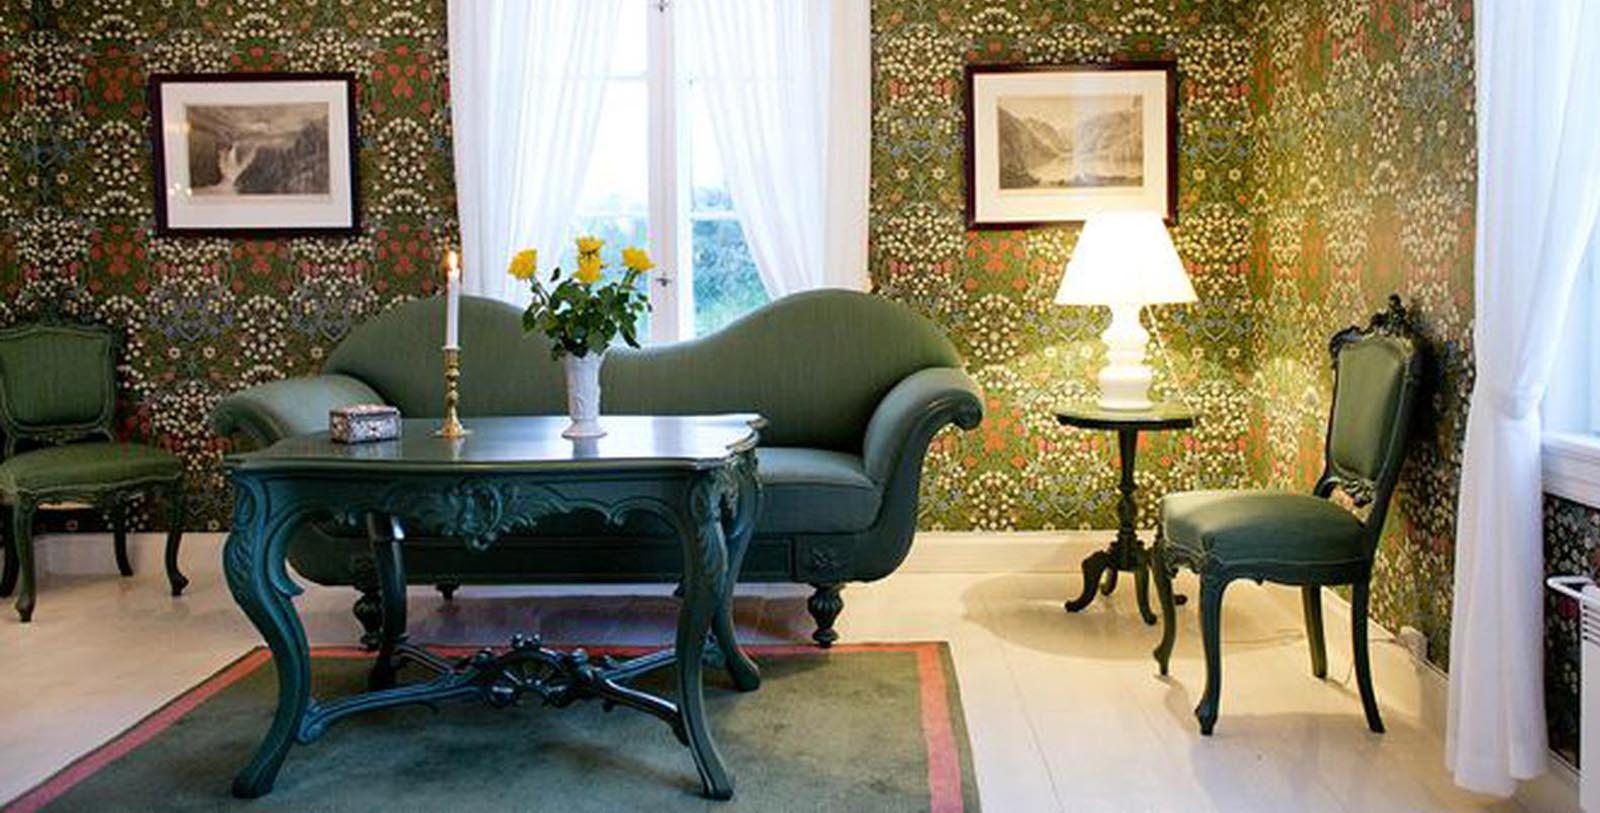 Image of Seating Area Høyevarde Fyrhotell, 1700, Member of Historic Hotels Worldwide, in Havik, Norway, Discover